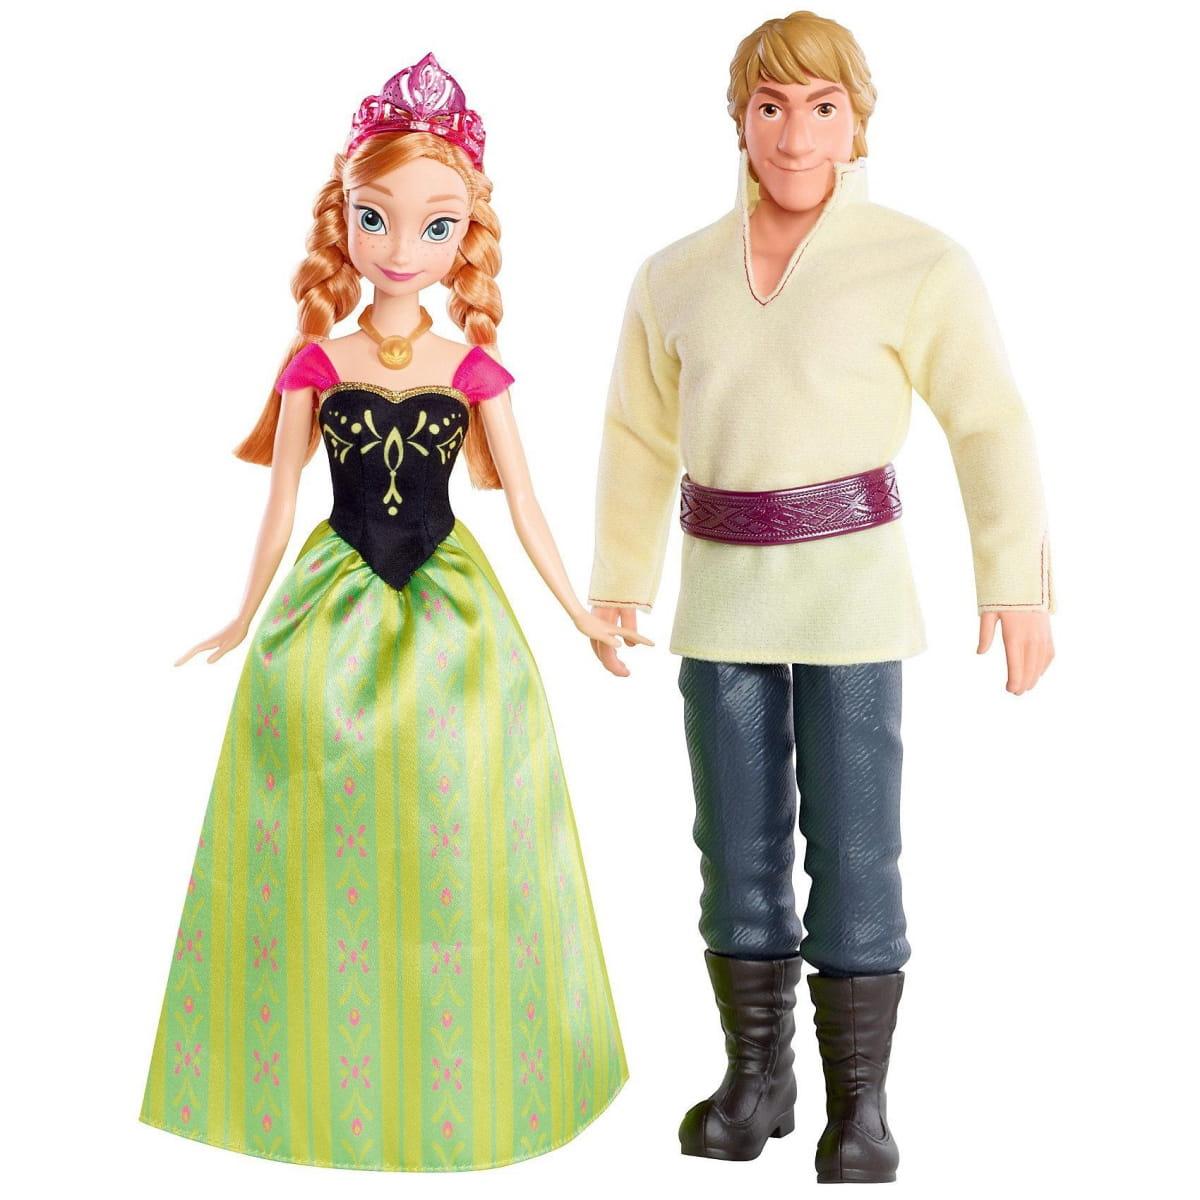 Игровой набор Disney Princess CMT82 Холодное сердце Анна и Кристоф 2 (Mattel)